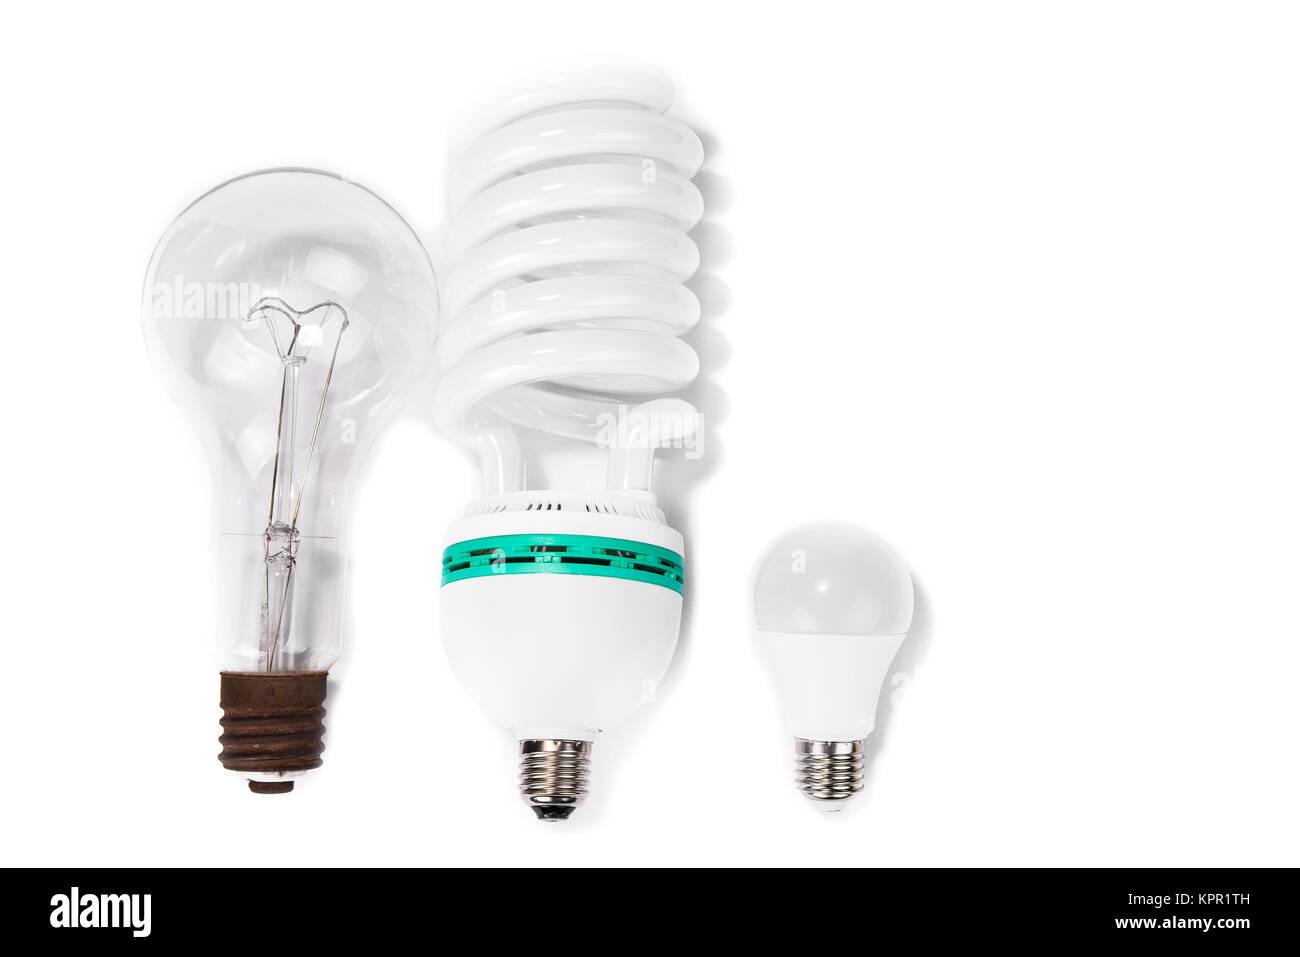 Lámpara fluorescente compacta clásica versus versus nuevas bombillas ...